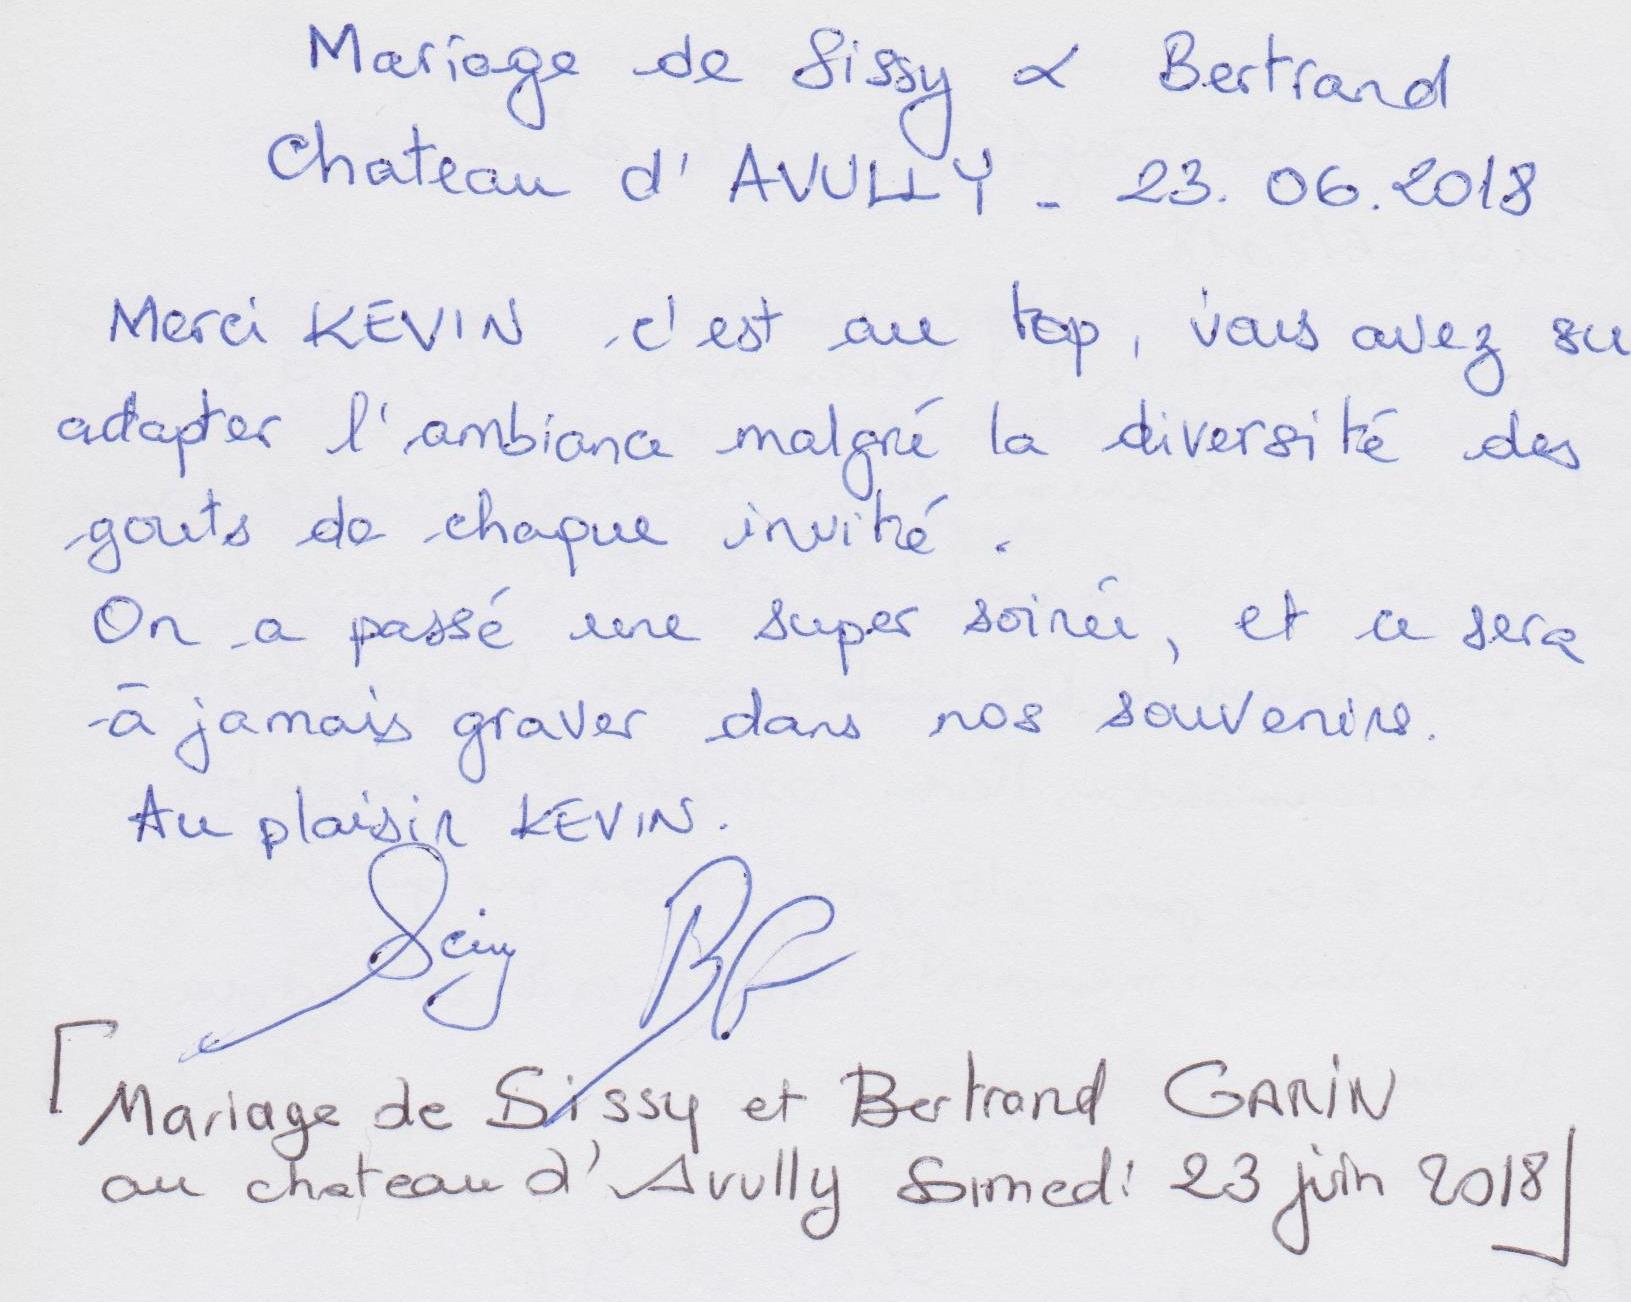 Mariage_de_SISSY_&_BERTRAND_GARIN_au_château_d'_AVULLY_Samedi_23_Juin_2018